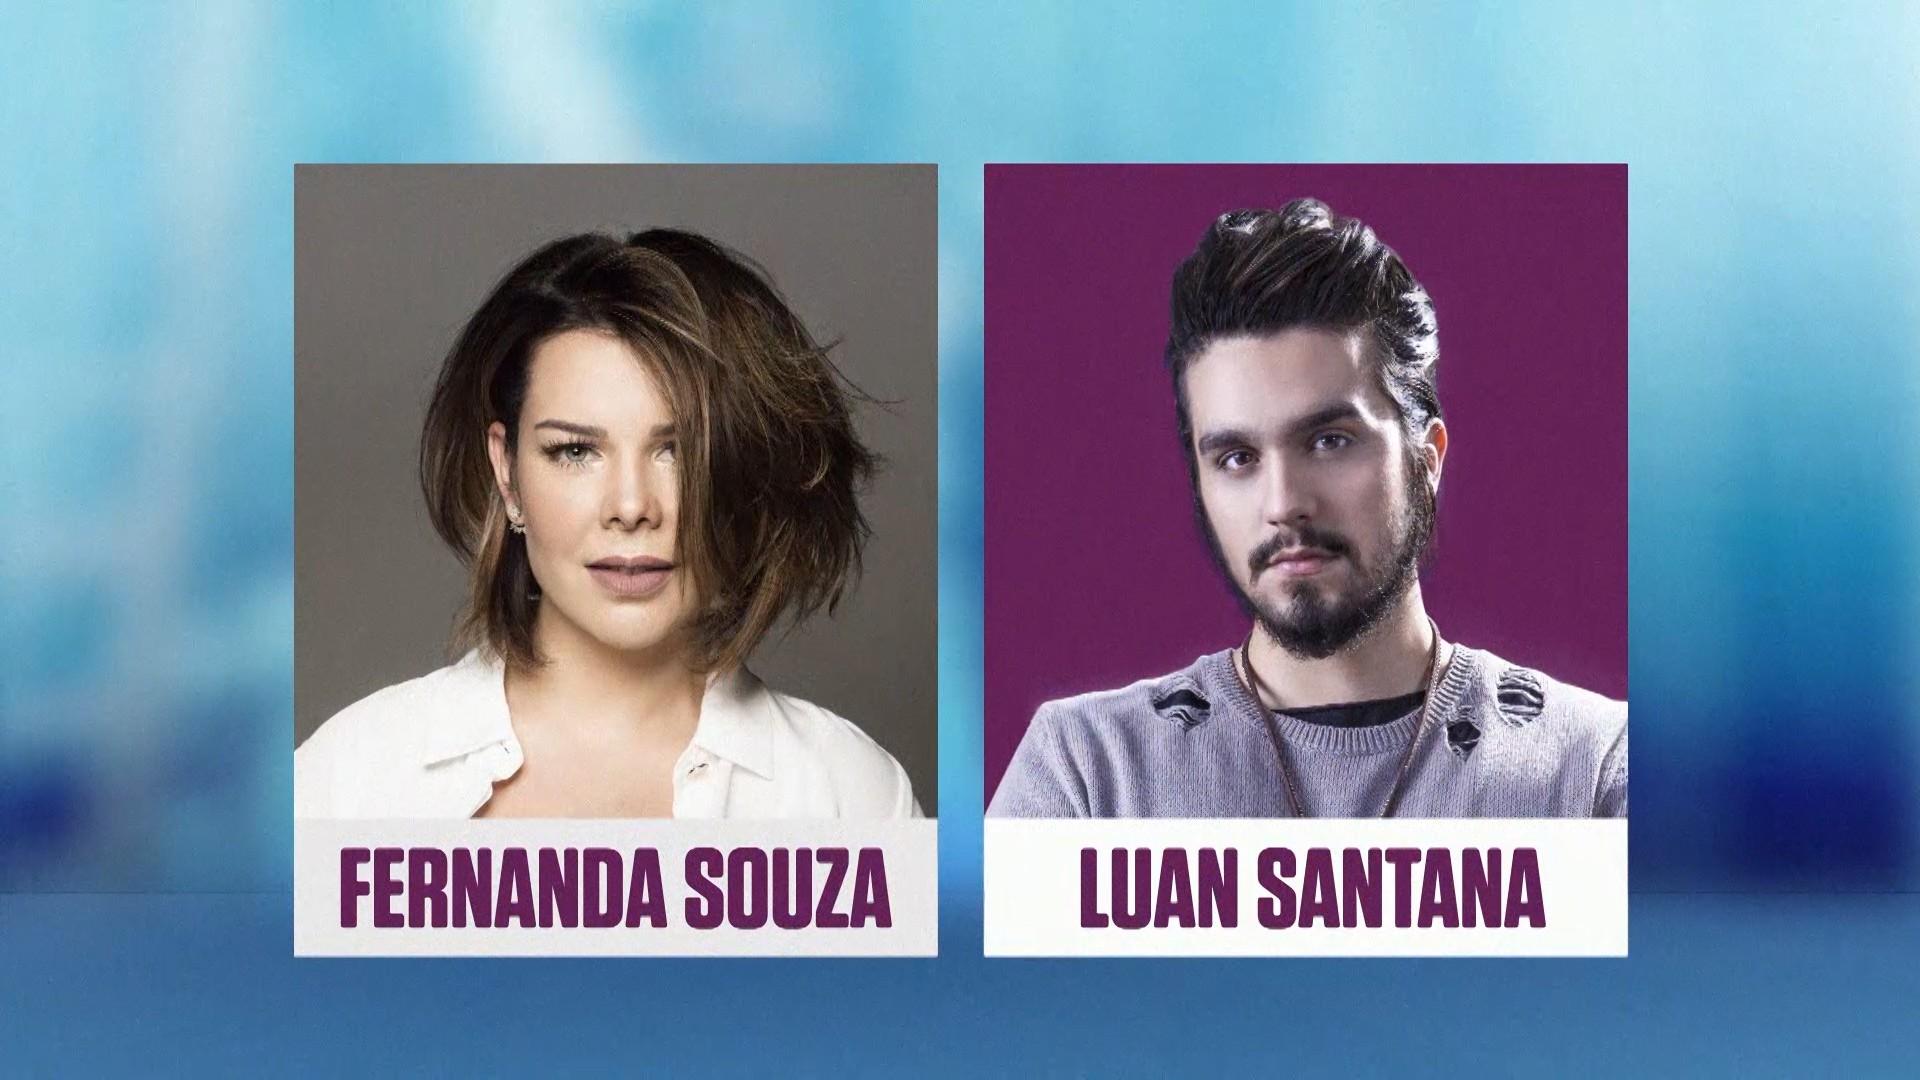 Com Luan Santana e Fernanda Souza no comando, o STocaTop estreia nesta sexta (13) no Multishow (Foto: Divulgao)